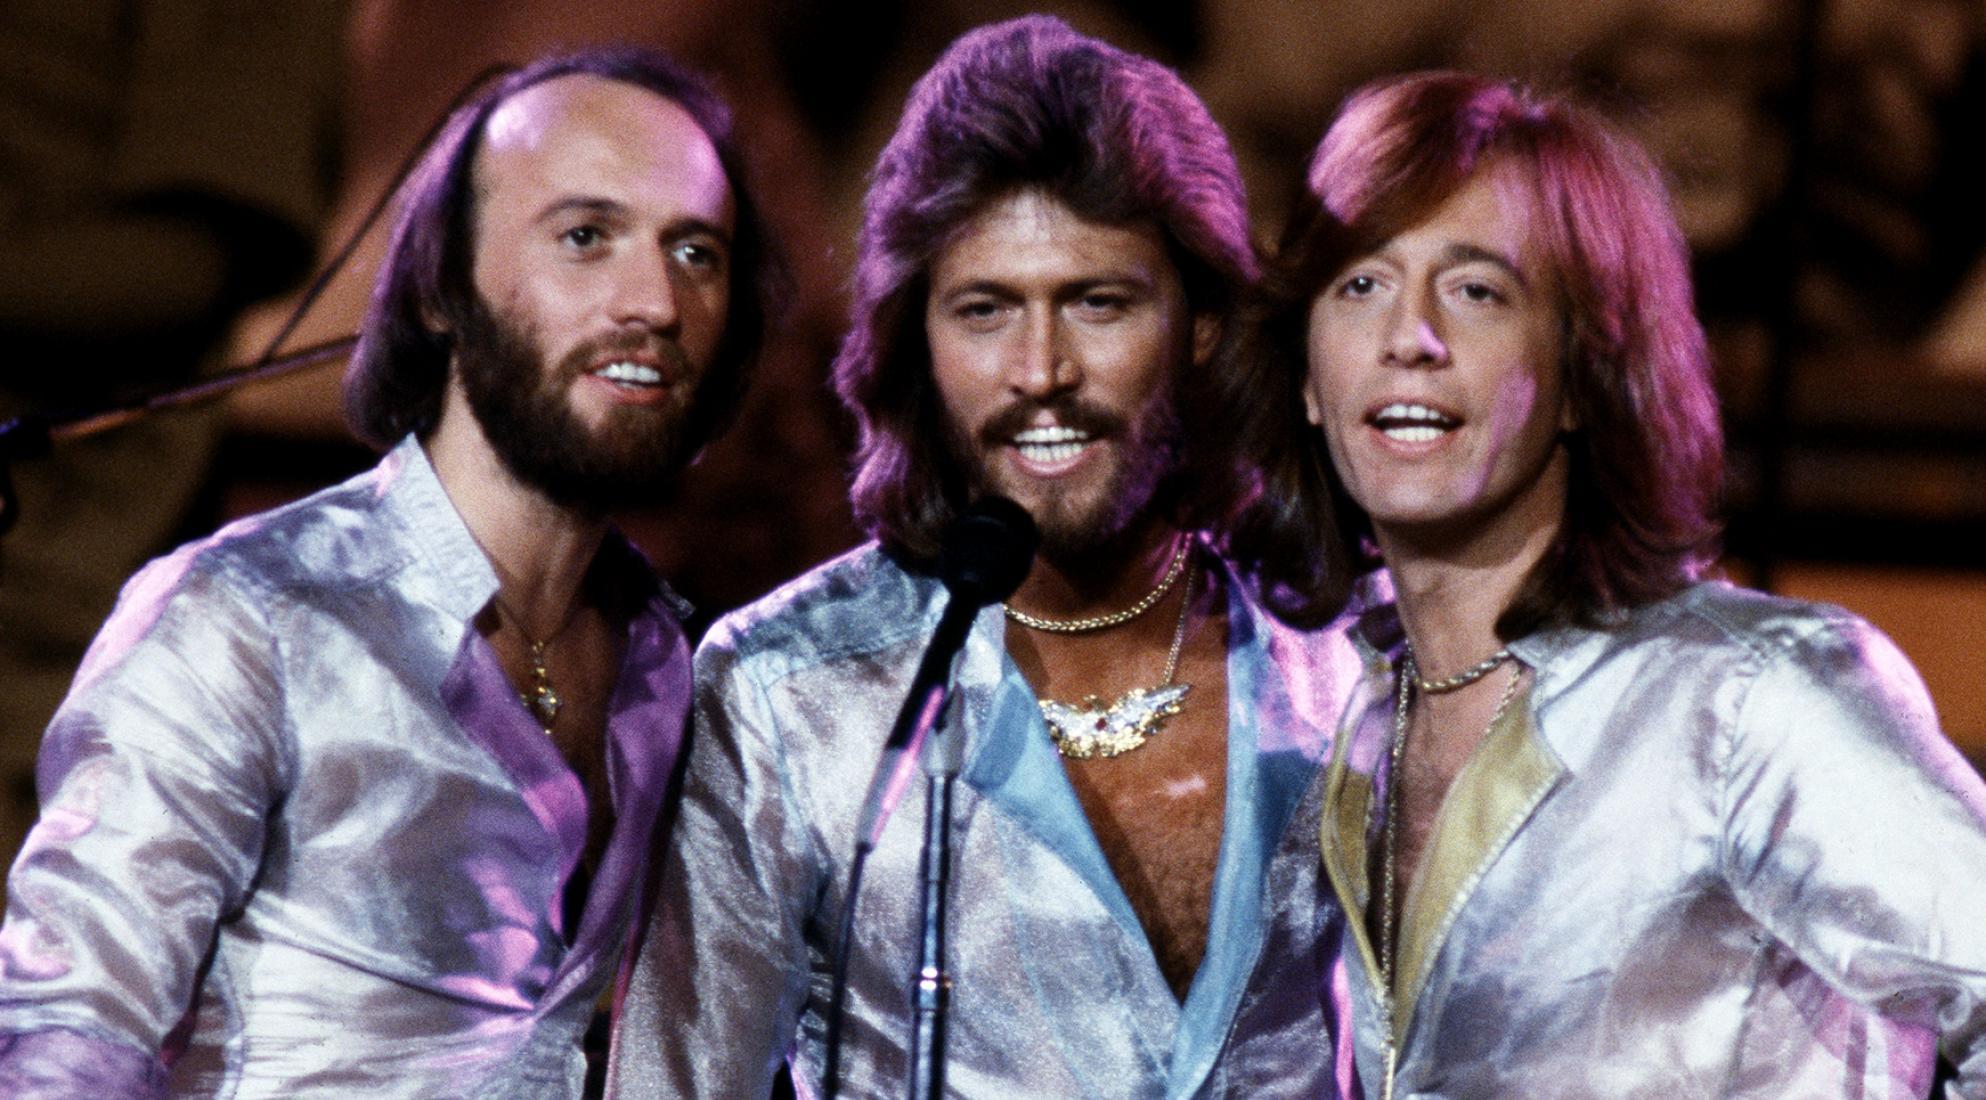 Los Bee Gees serán la próxima banda en tener su propia biopic - Duna 89.7    Duna 89.7